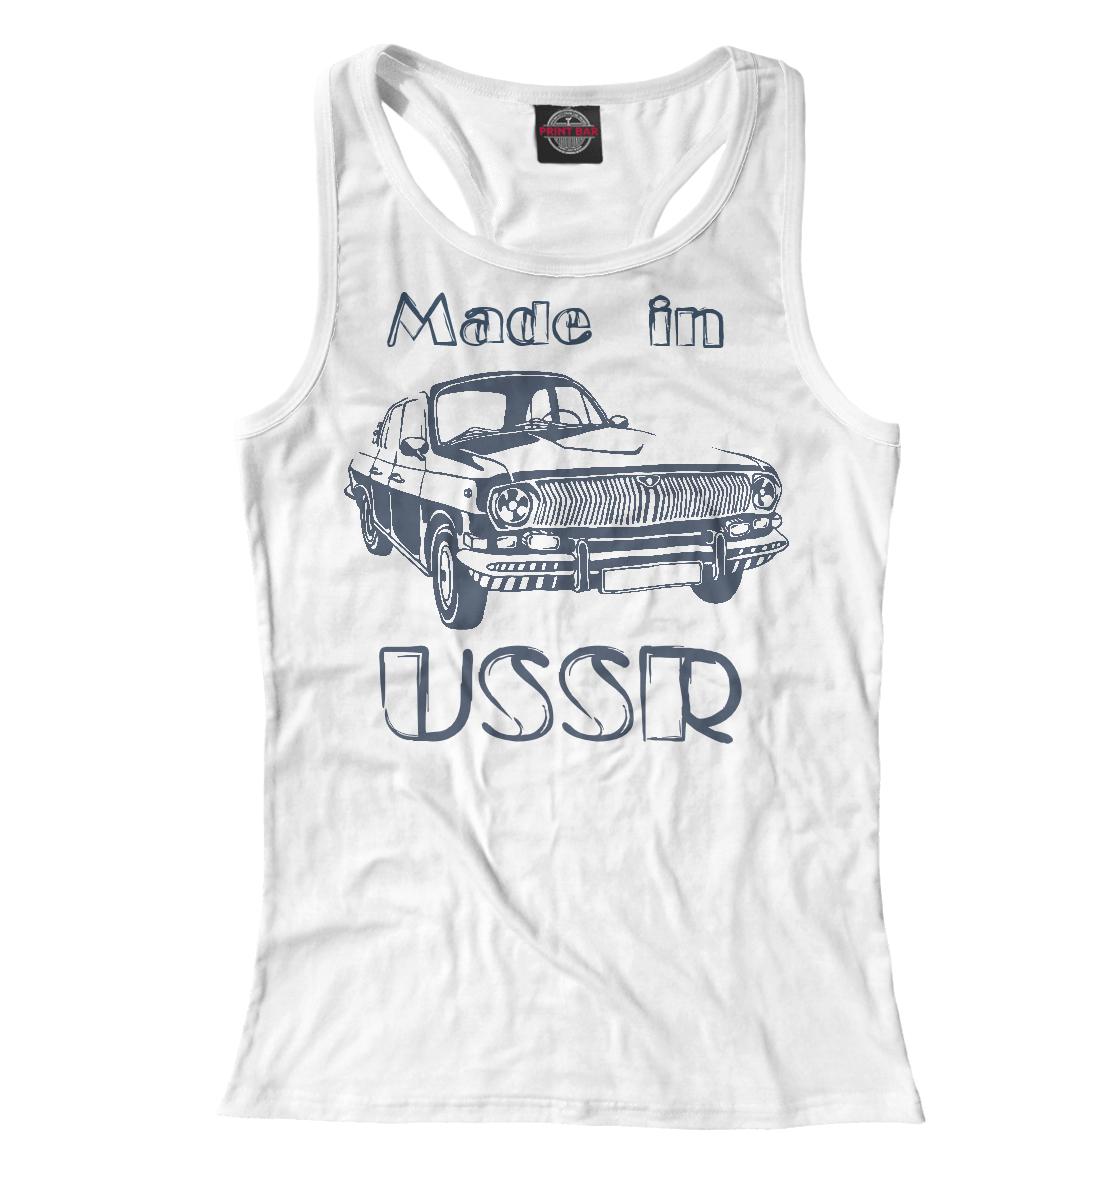 Купить Сделано в СССР, Printbar, Майки борцовки, SSS-740681-mayb-1